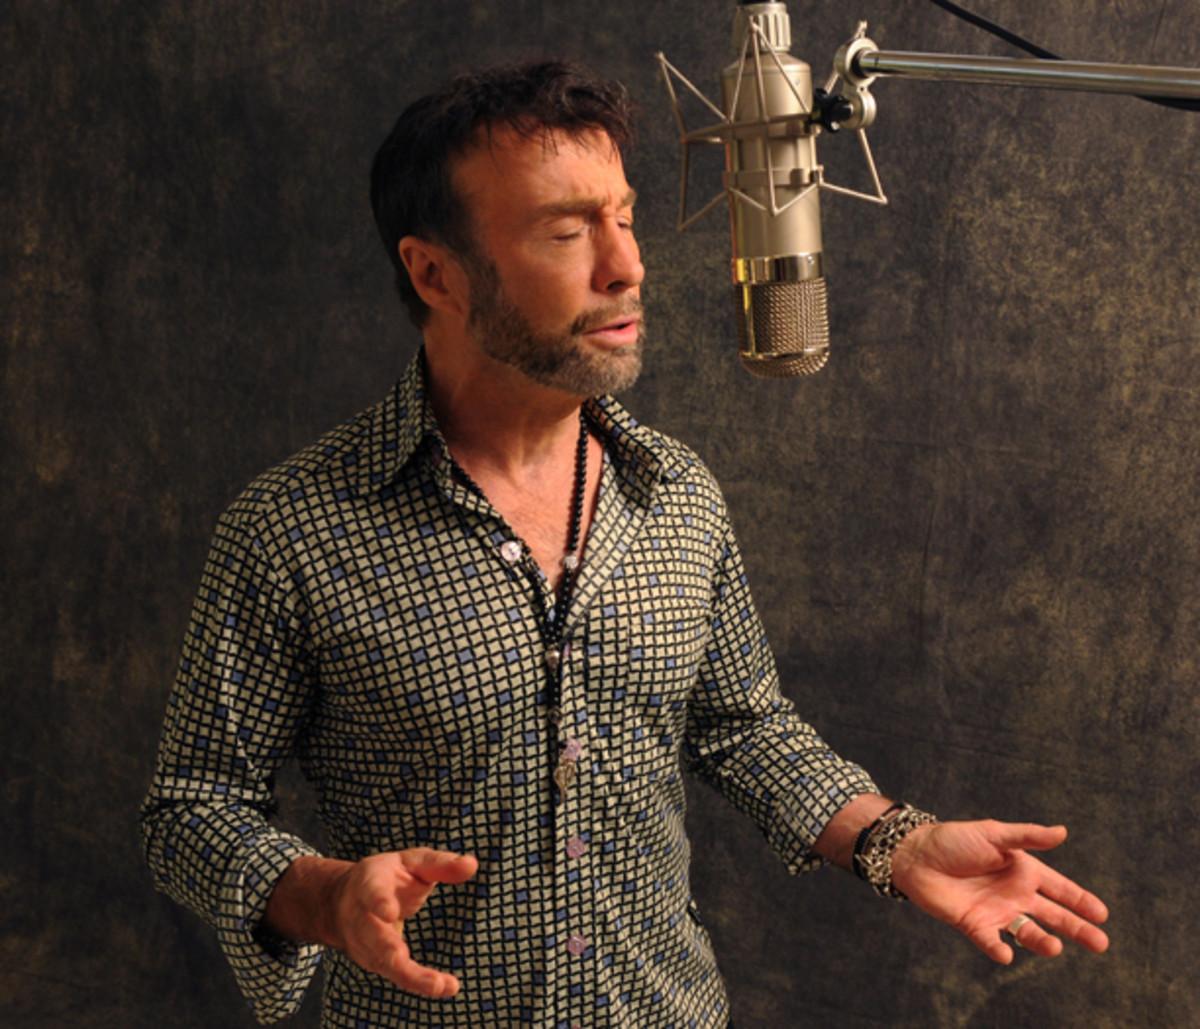 Paul Rodgers publicity photos